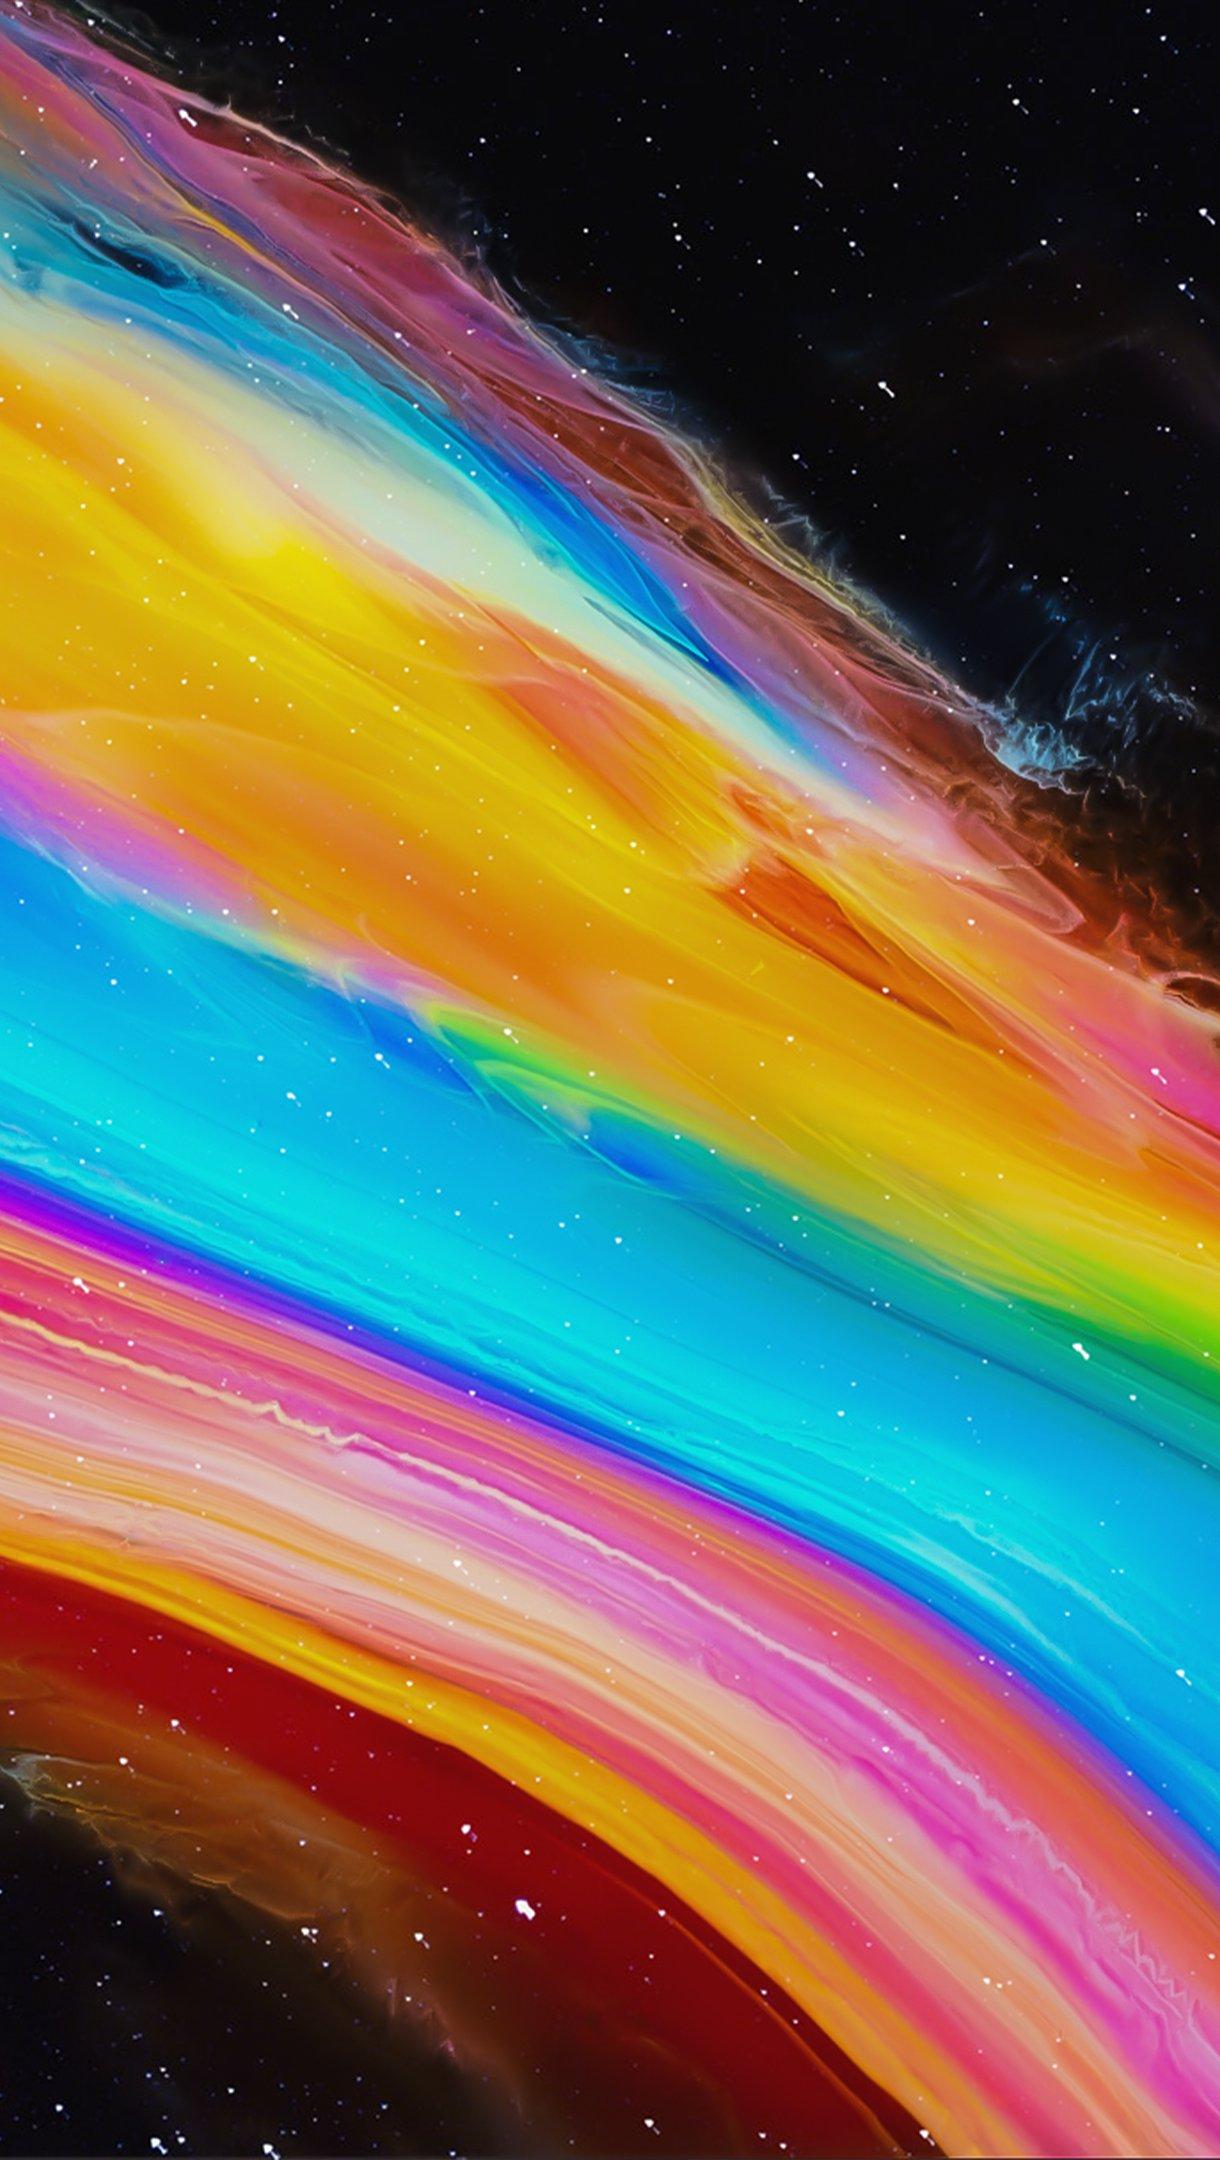 Fondos de pantalla Colores de prisma abstracto Vertical